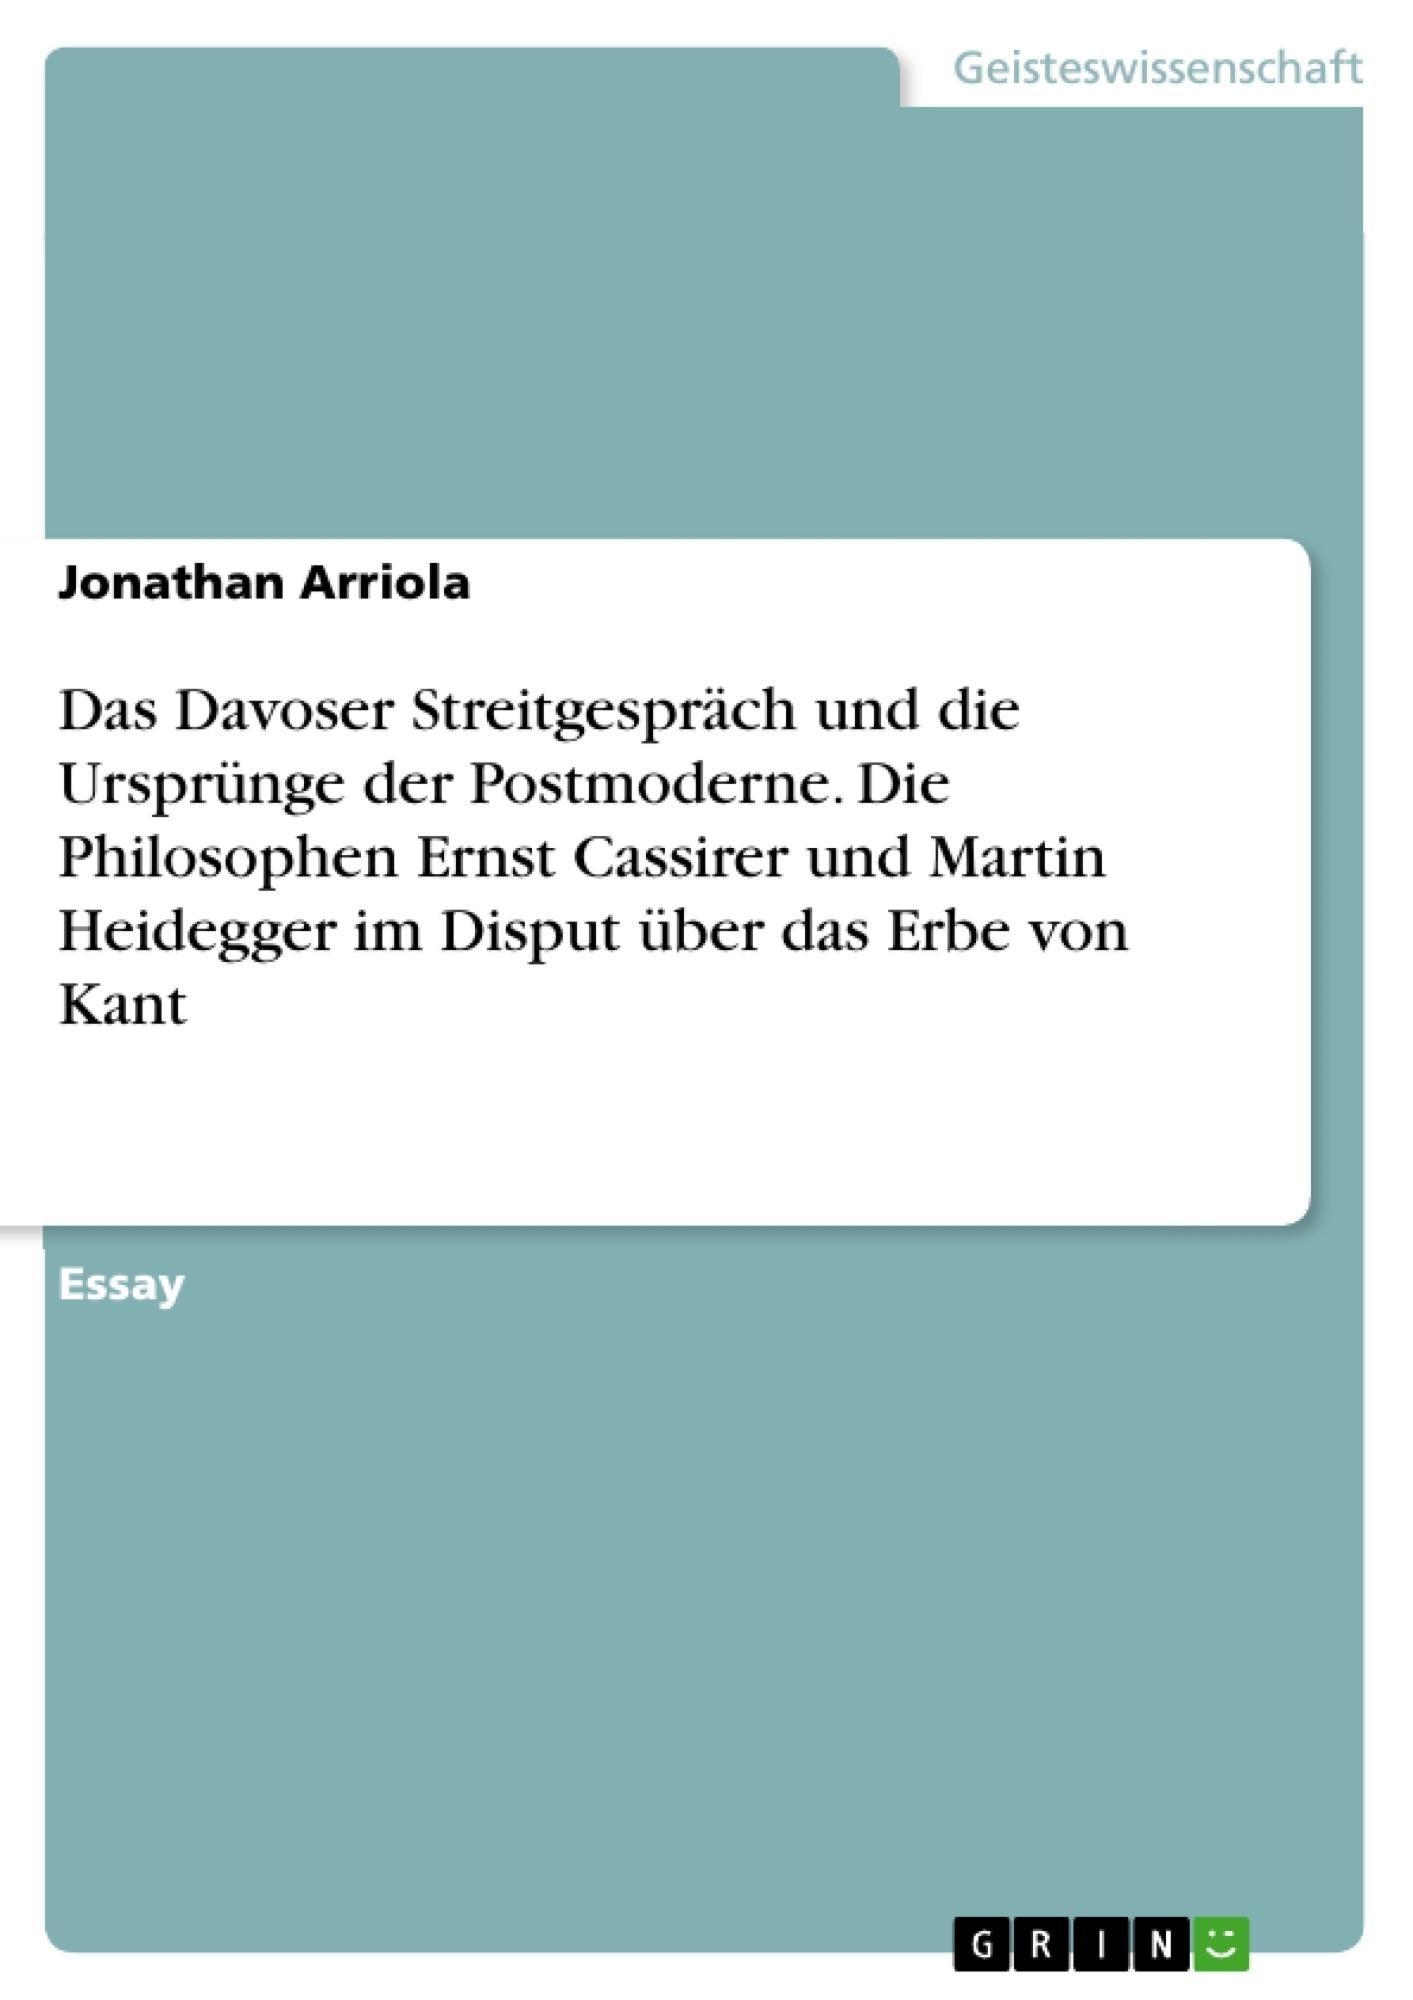 Titel: Das Davoser Streitgespräch und die Ursprünge der Postmoderne. Die Philosophen Ernst Cassirer und Martin Heidegger im Disput über das Erbe von Kant